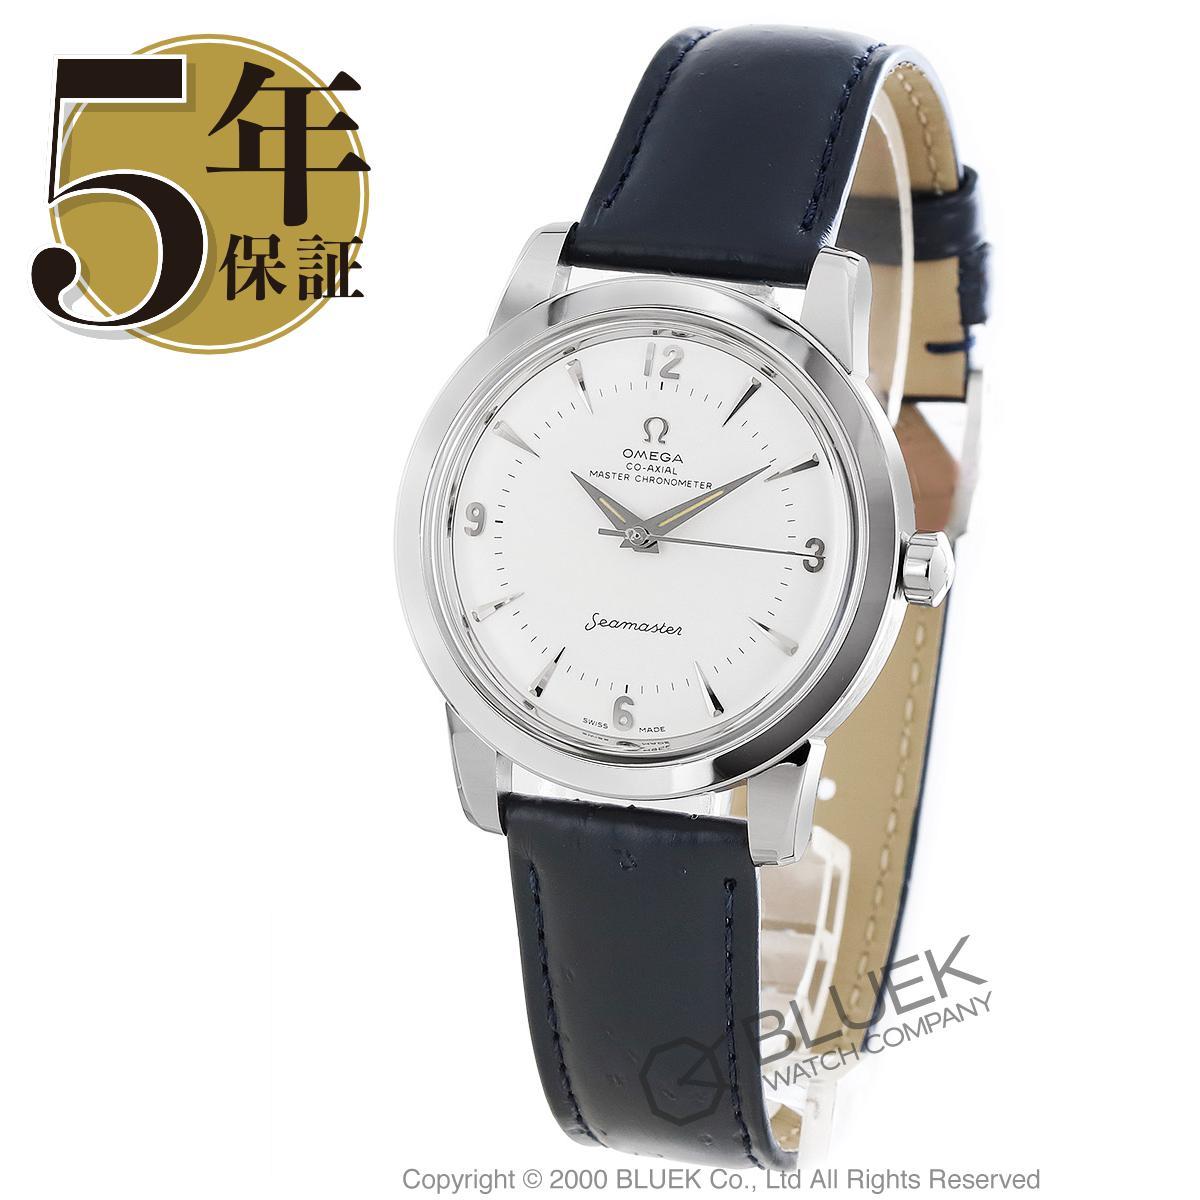 オメガ シーマスター 1948 70周年 世界限定1948本 マスタークロノメーター 腕時計 メンズ OMEGA 511.13.38.20.02.001_5